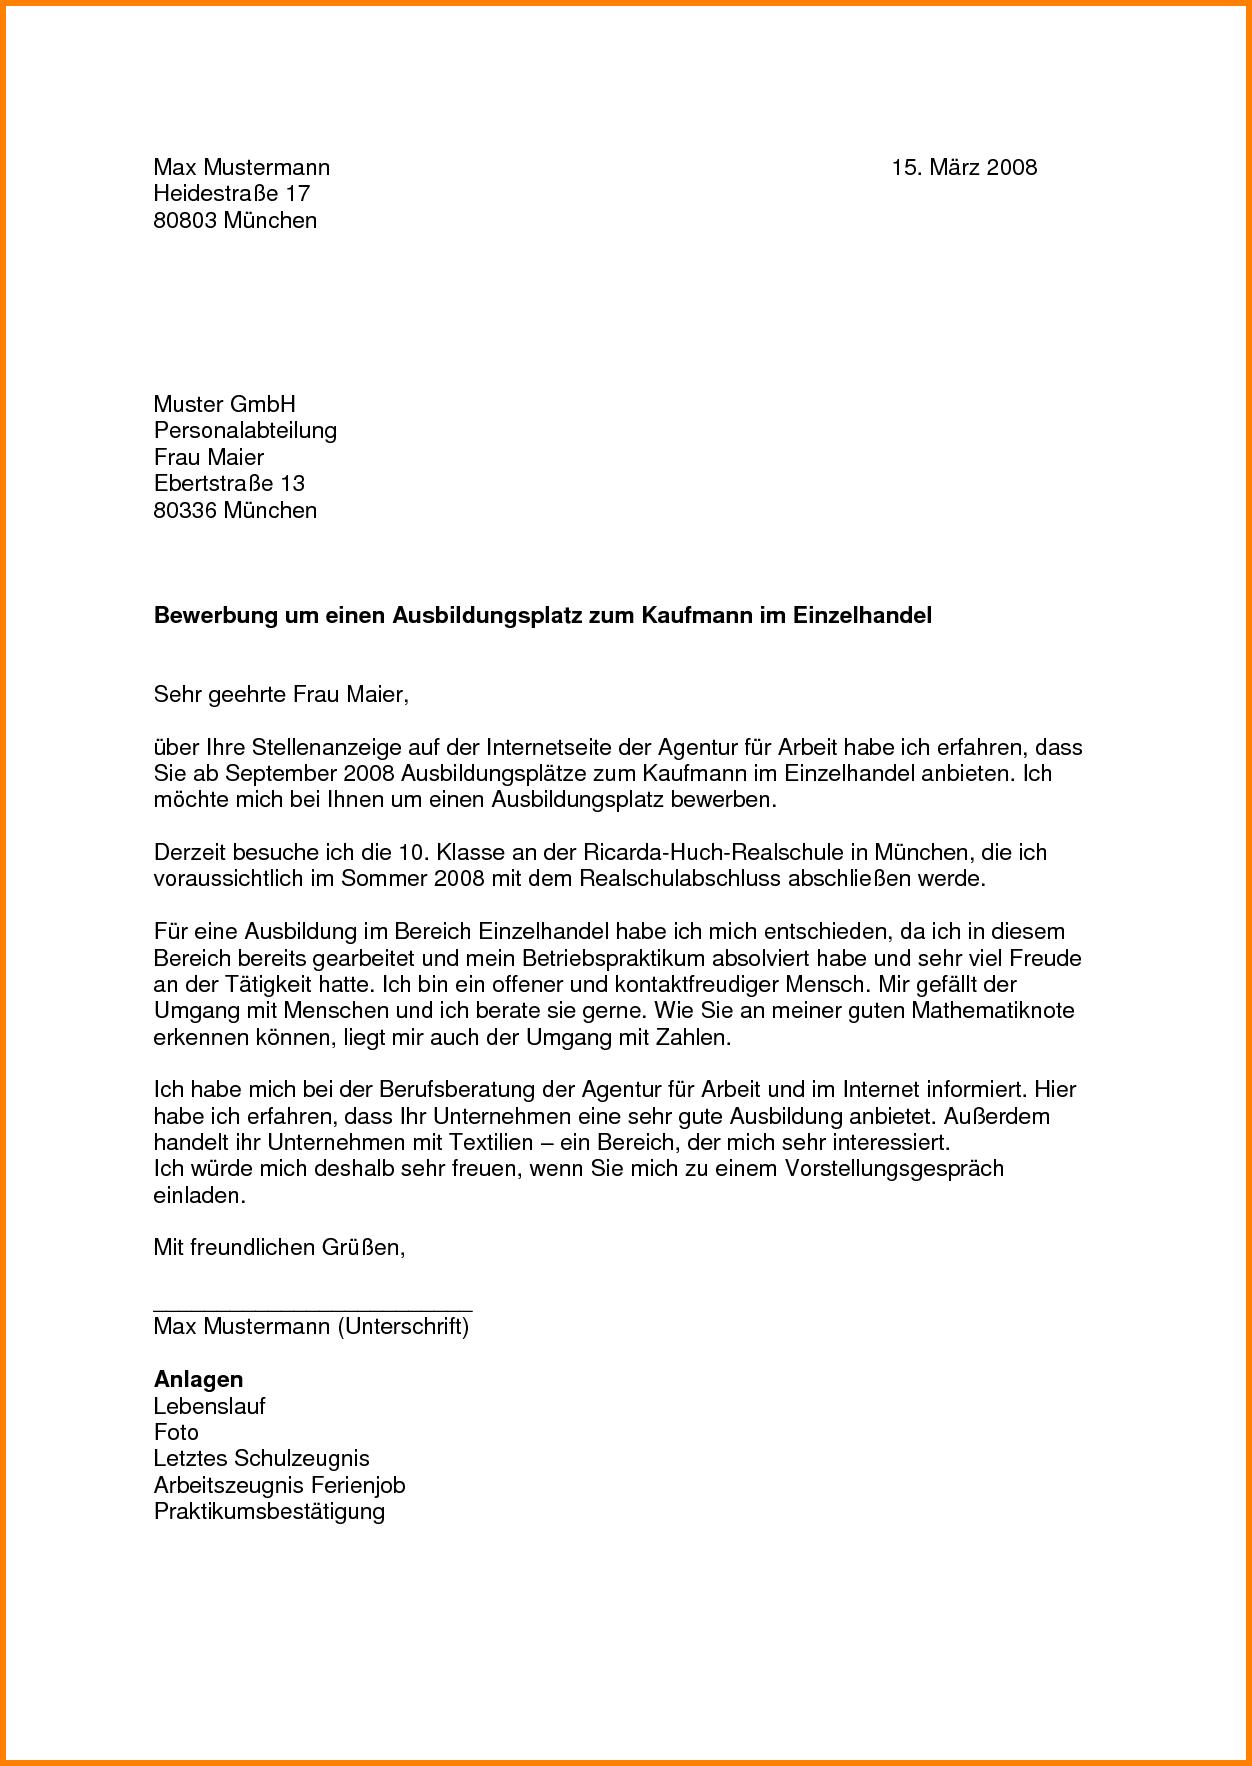 Einzigartig Bewerbung Nach Elternzeit Teilzeit Muster Briefprobe Briefformat Briefvorlage Lebenslauf Lebenslauf Vorlage Schuler Vorlagen Lebenslauf